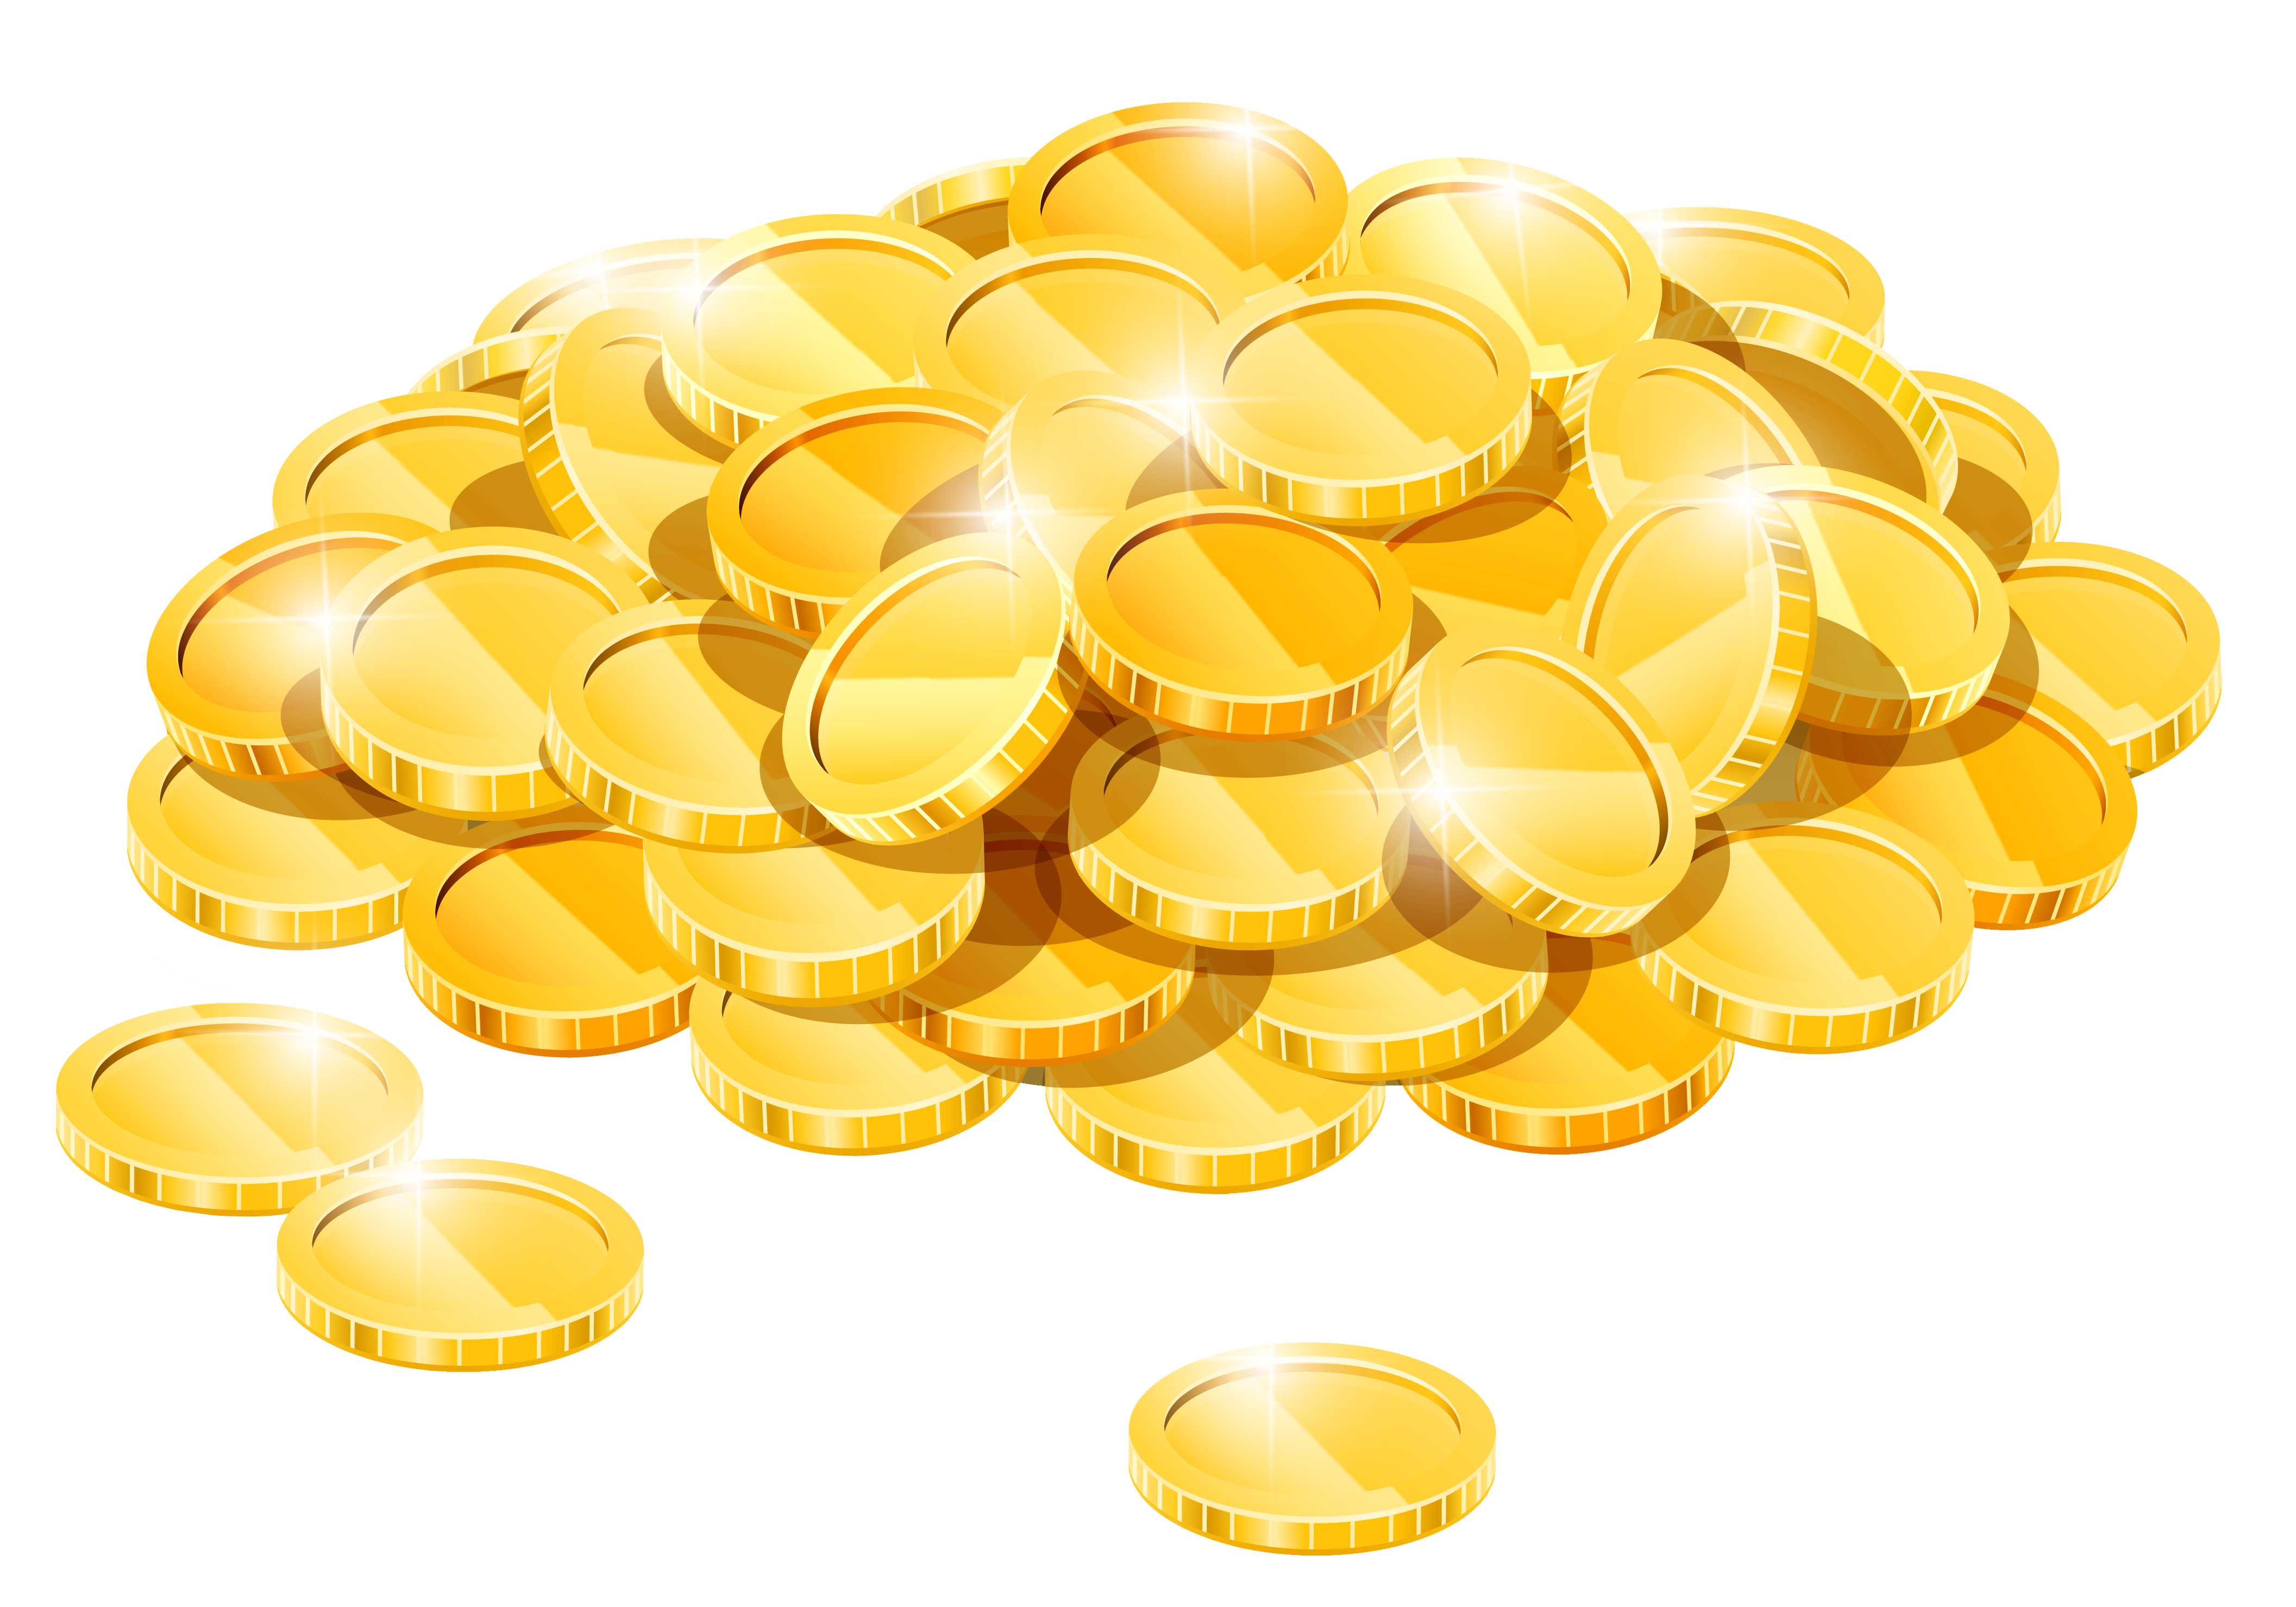 Fifa Coins 17 Agar Io 16 18 Nfl Coins Gold Coins Png